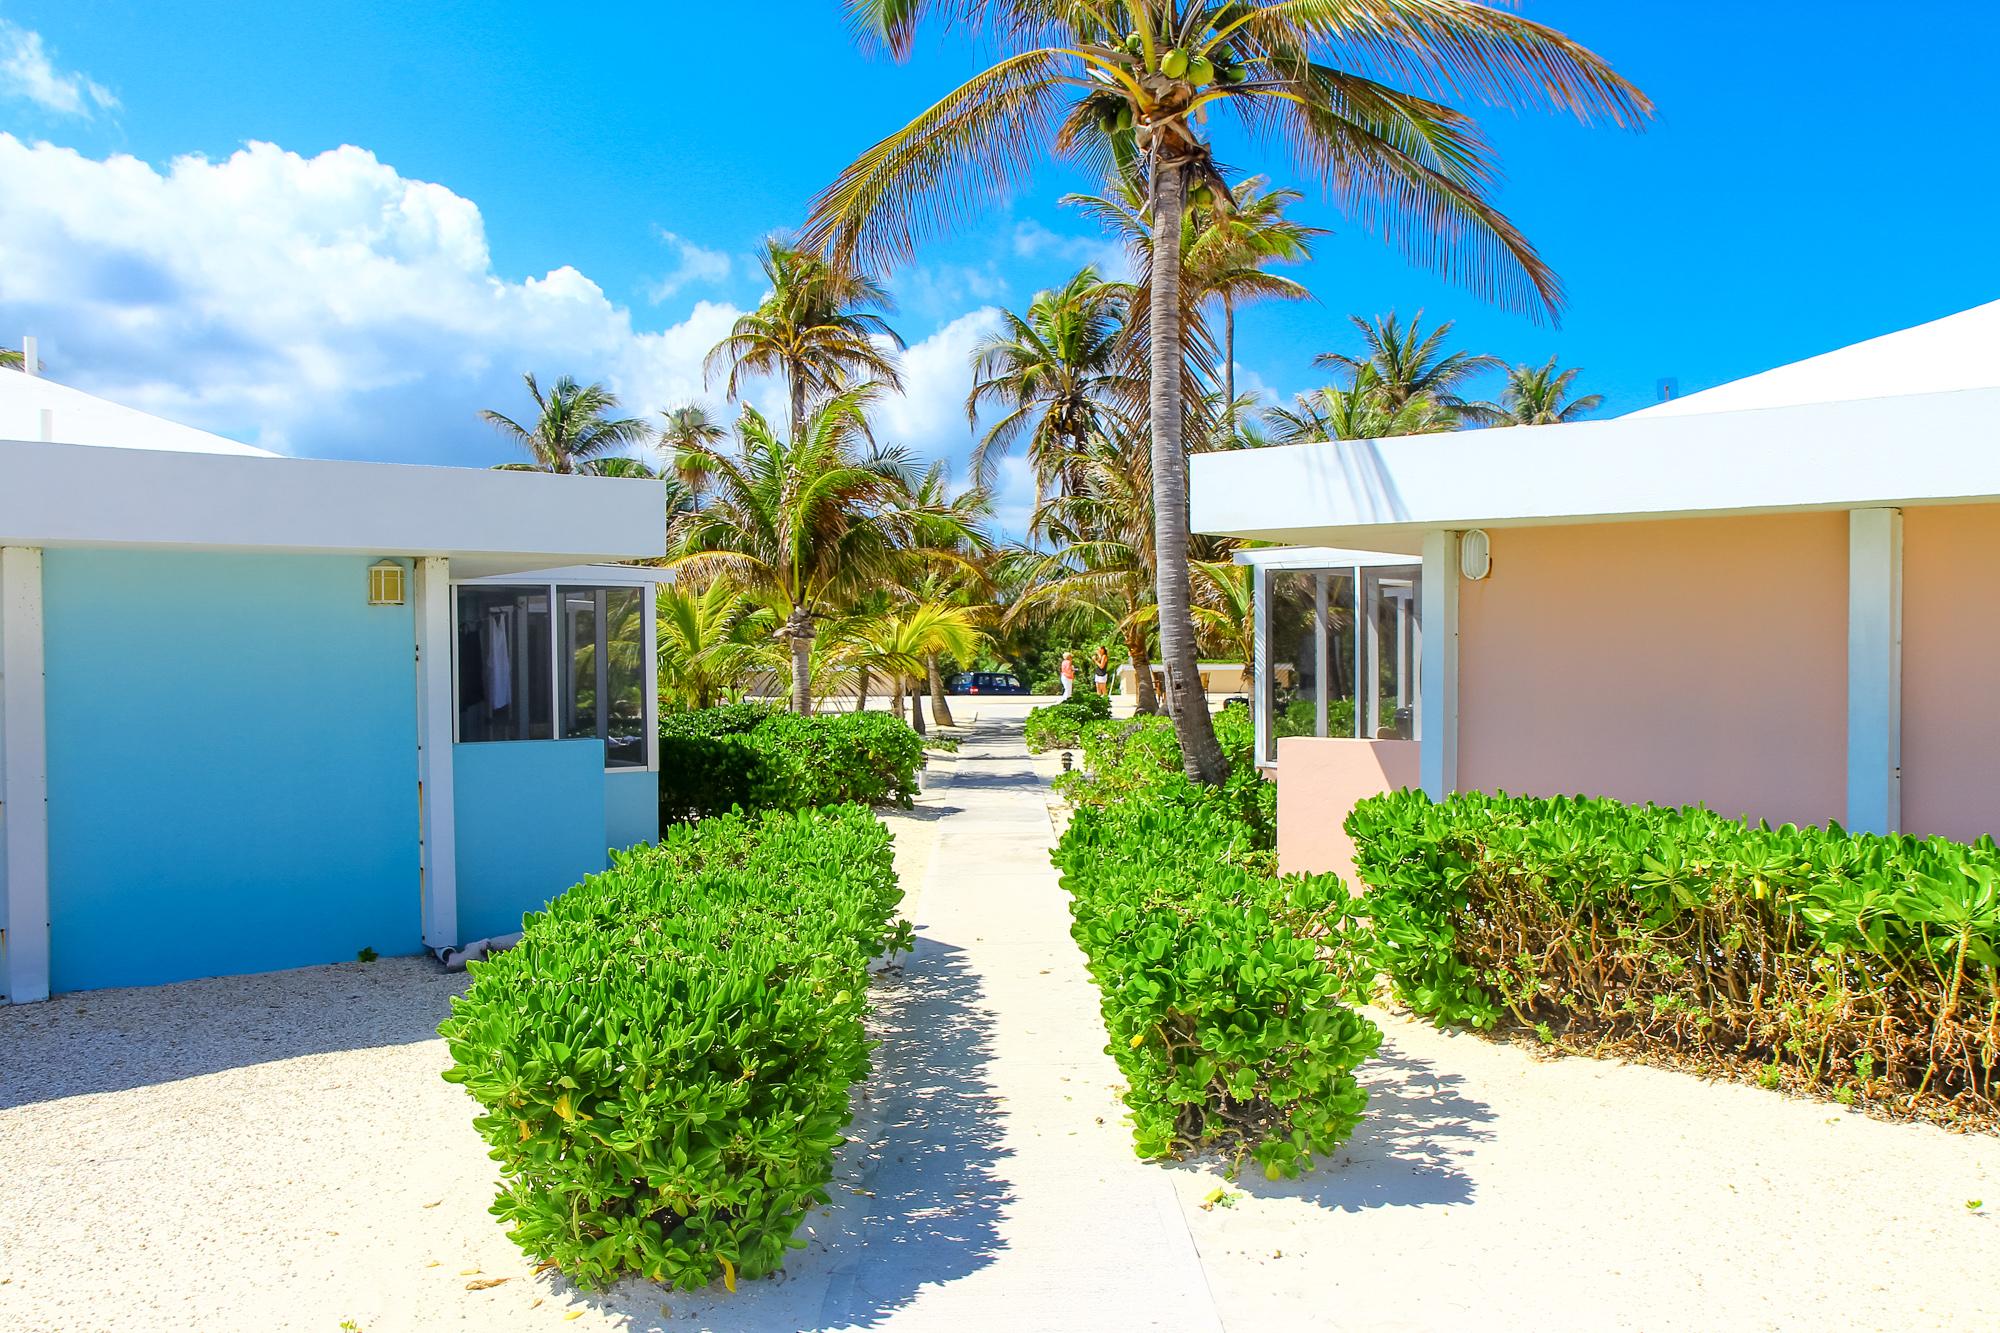 The Sea Lodges